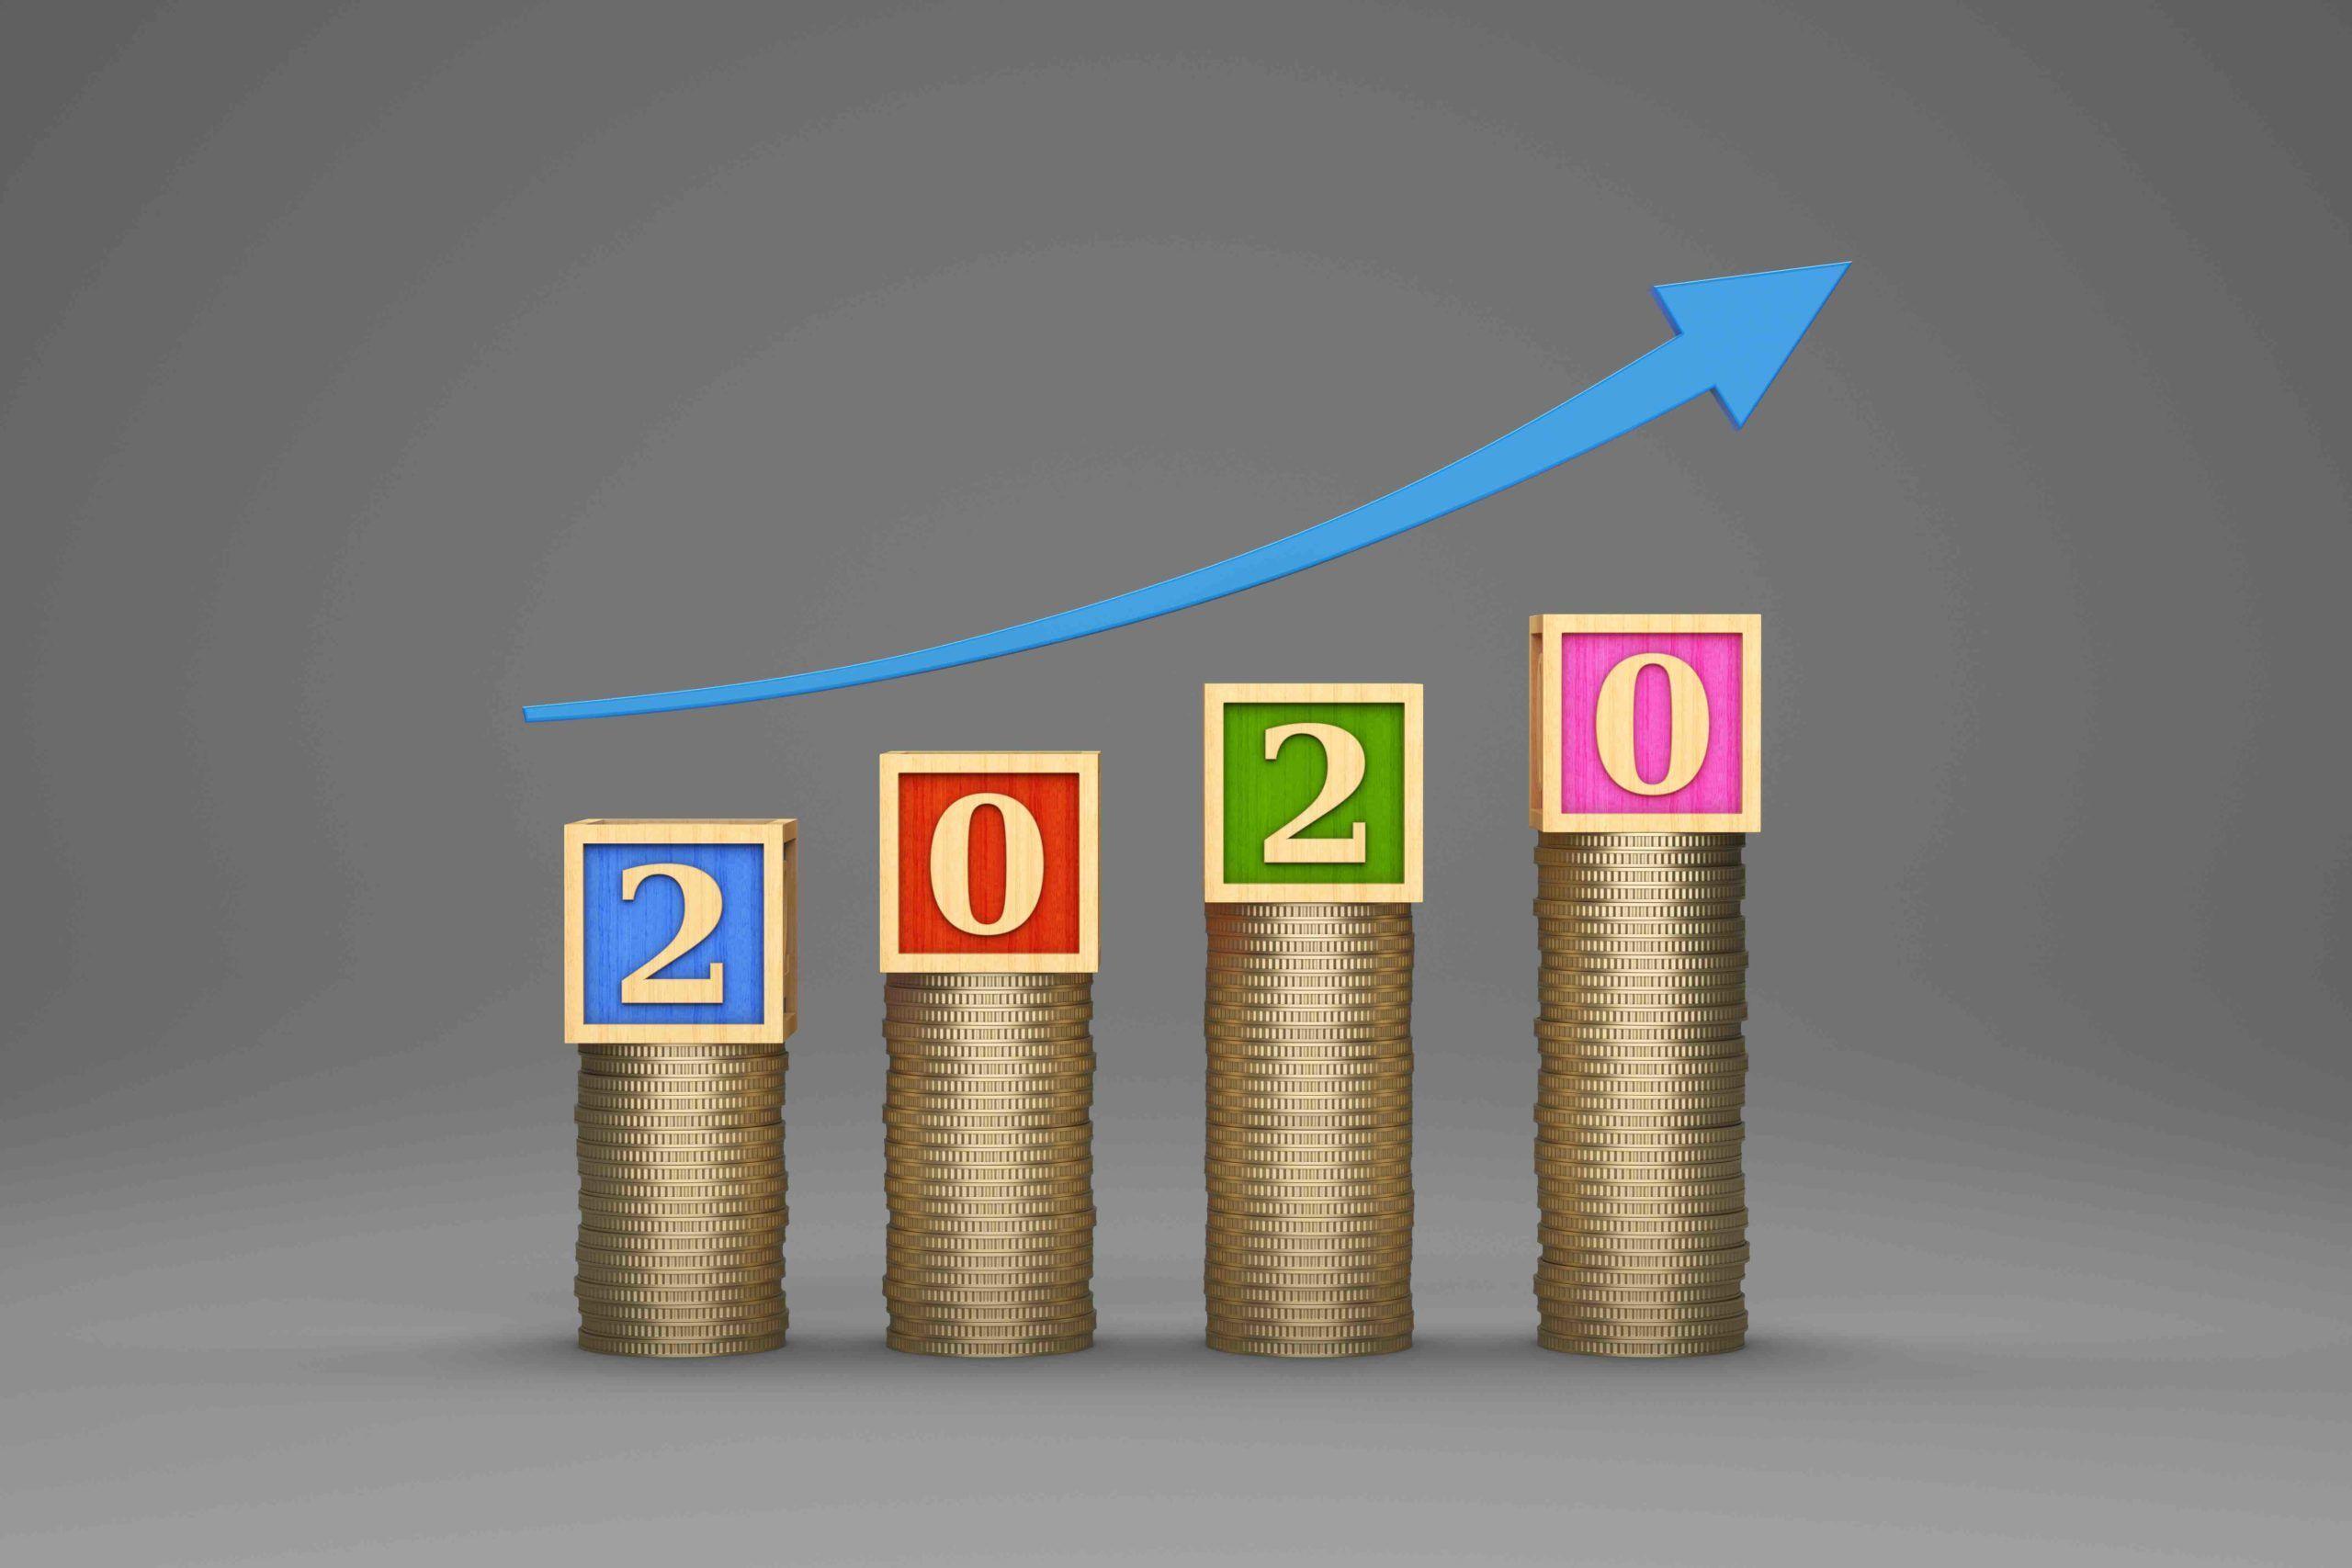 W co warto zainwestować w 2020 roku?